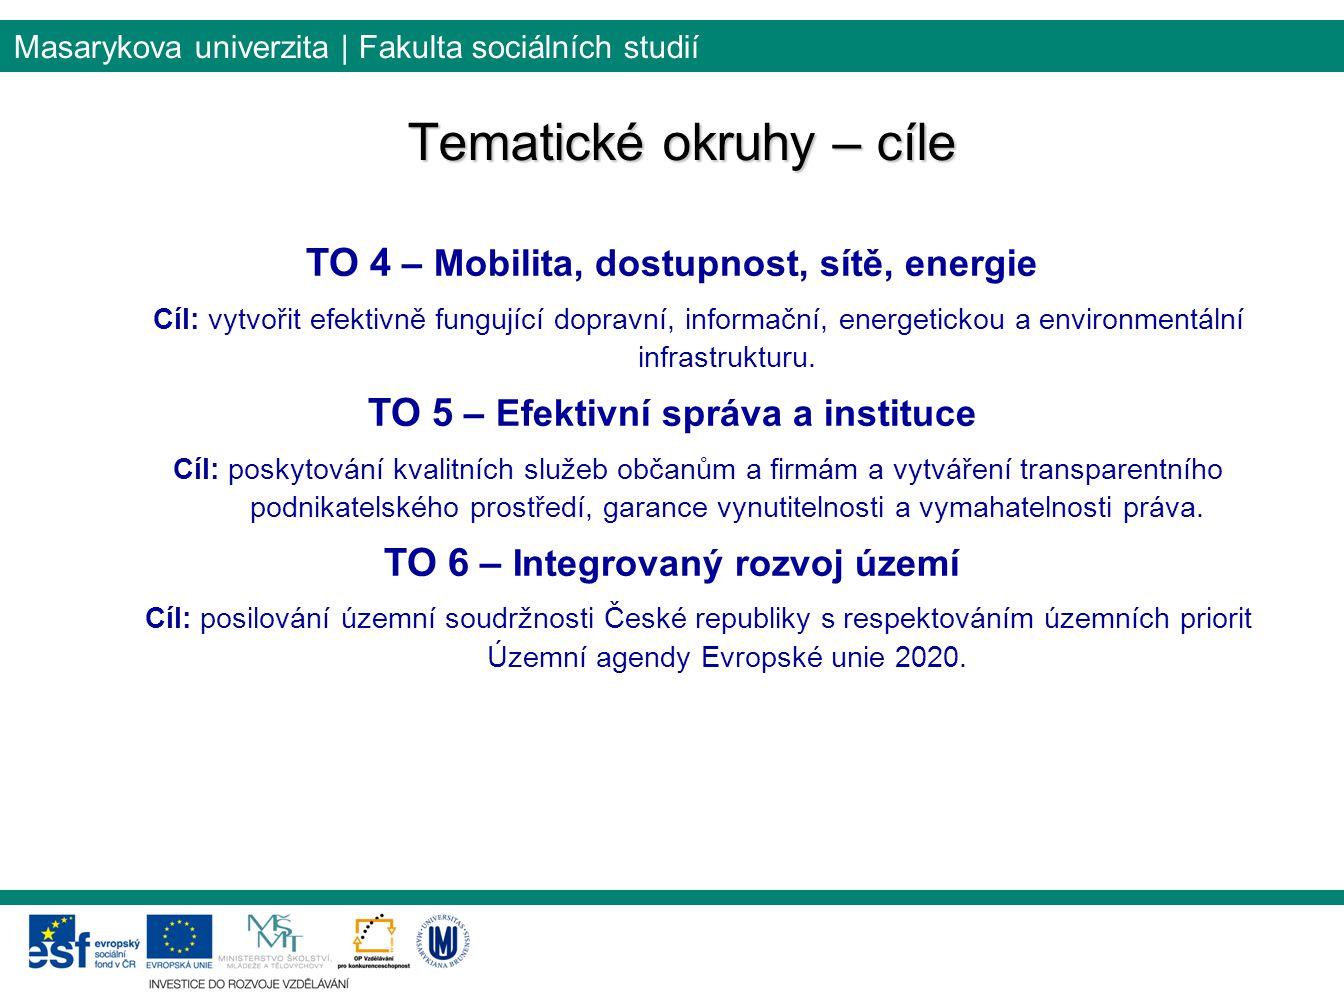 Masarykova univerzita | Fakulta sociálních studií Tematické okruhy – cíle TO 4 – Mobilita, dostupnost, sítě, energie Cíl: vytvořit efektivně fungující dopravní, informační, energetickou a environmentální infrastrukturu.